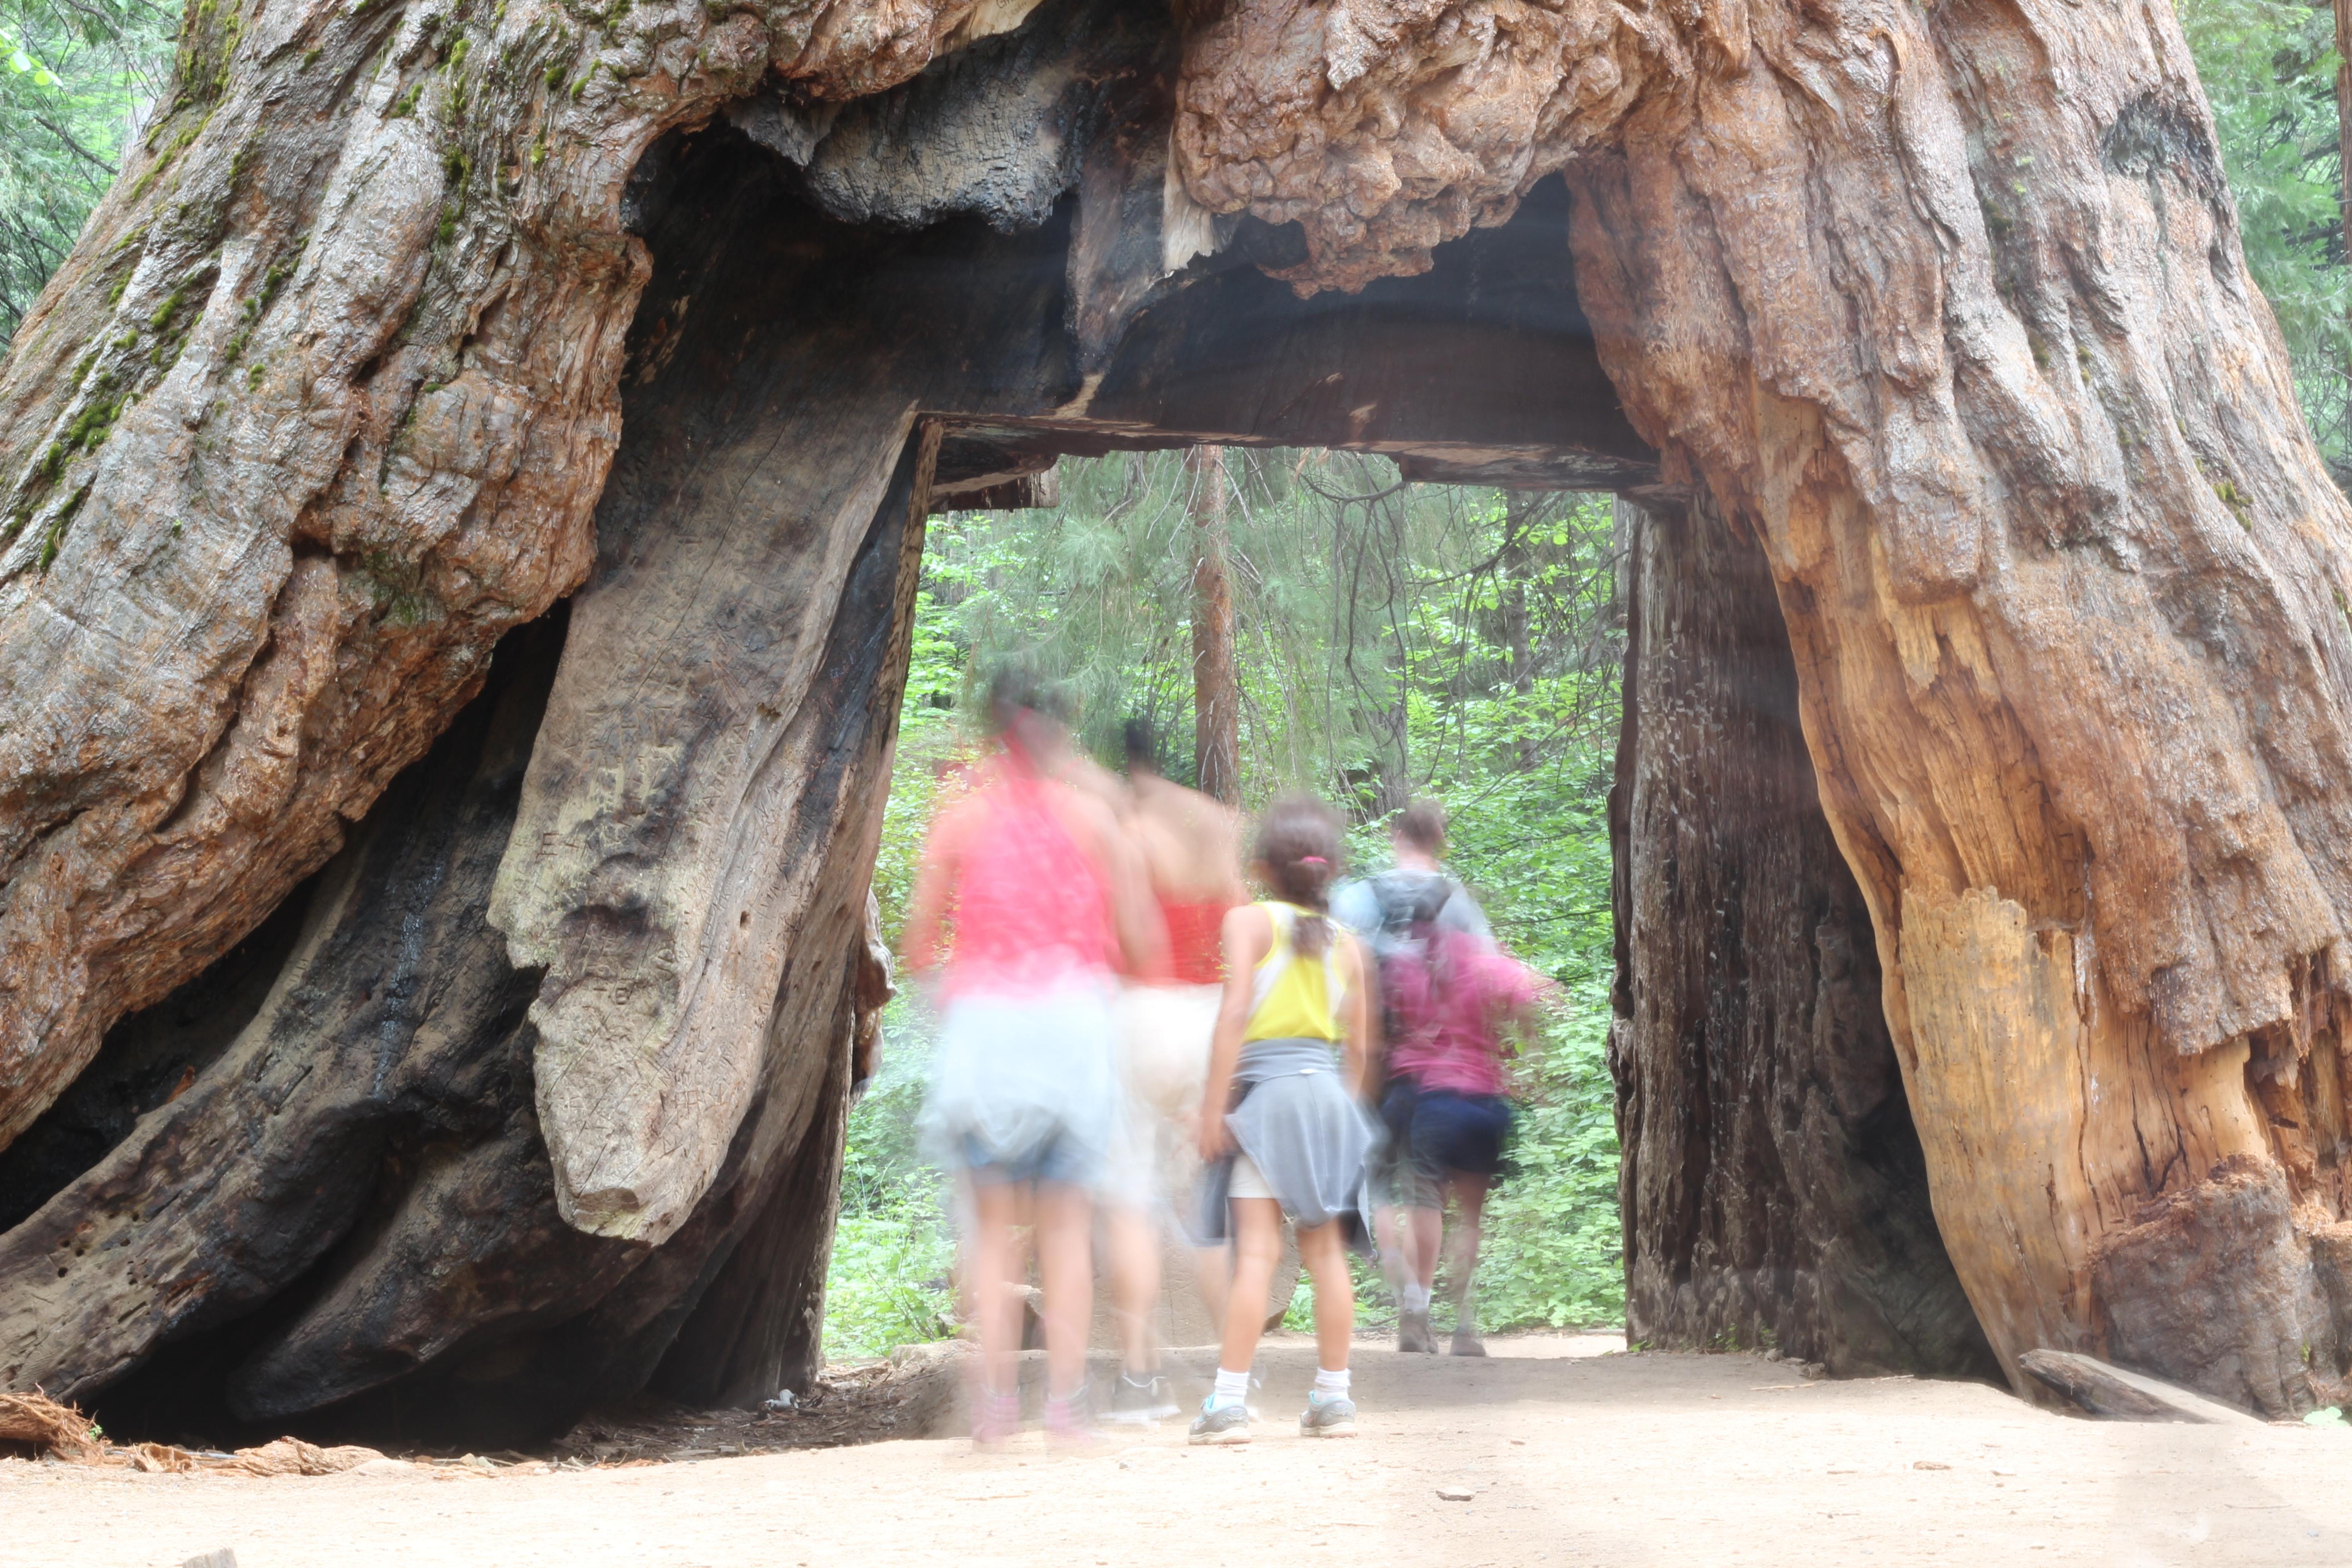 Calaveras Big Trees State Park Erlend Haddeland.JPG